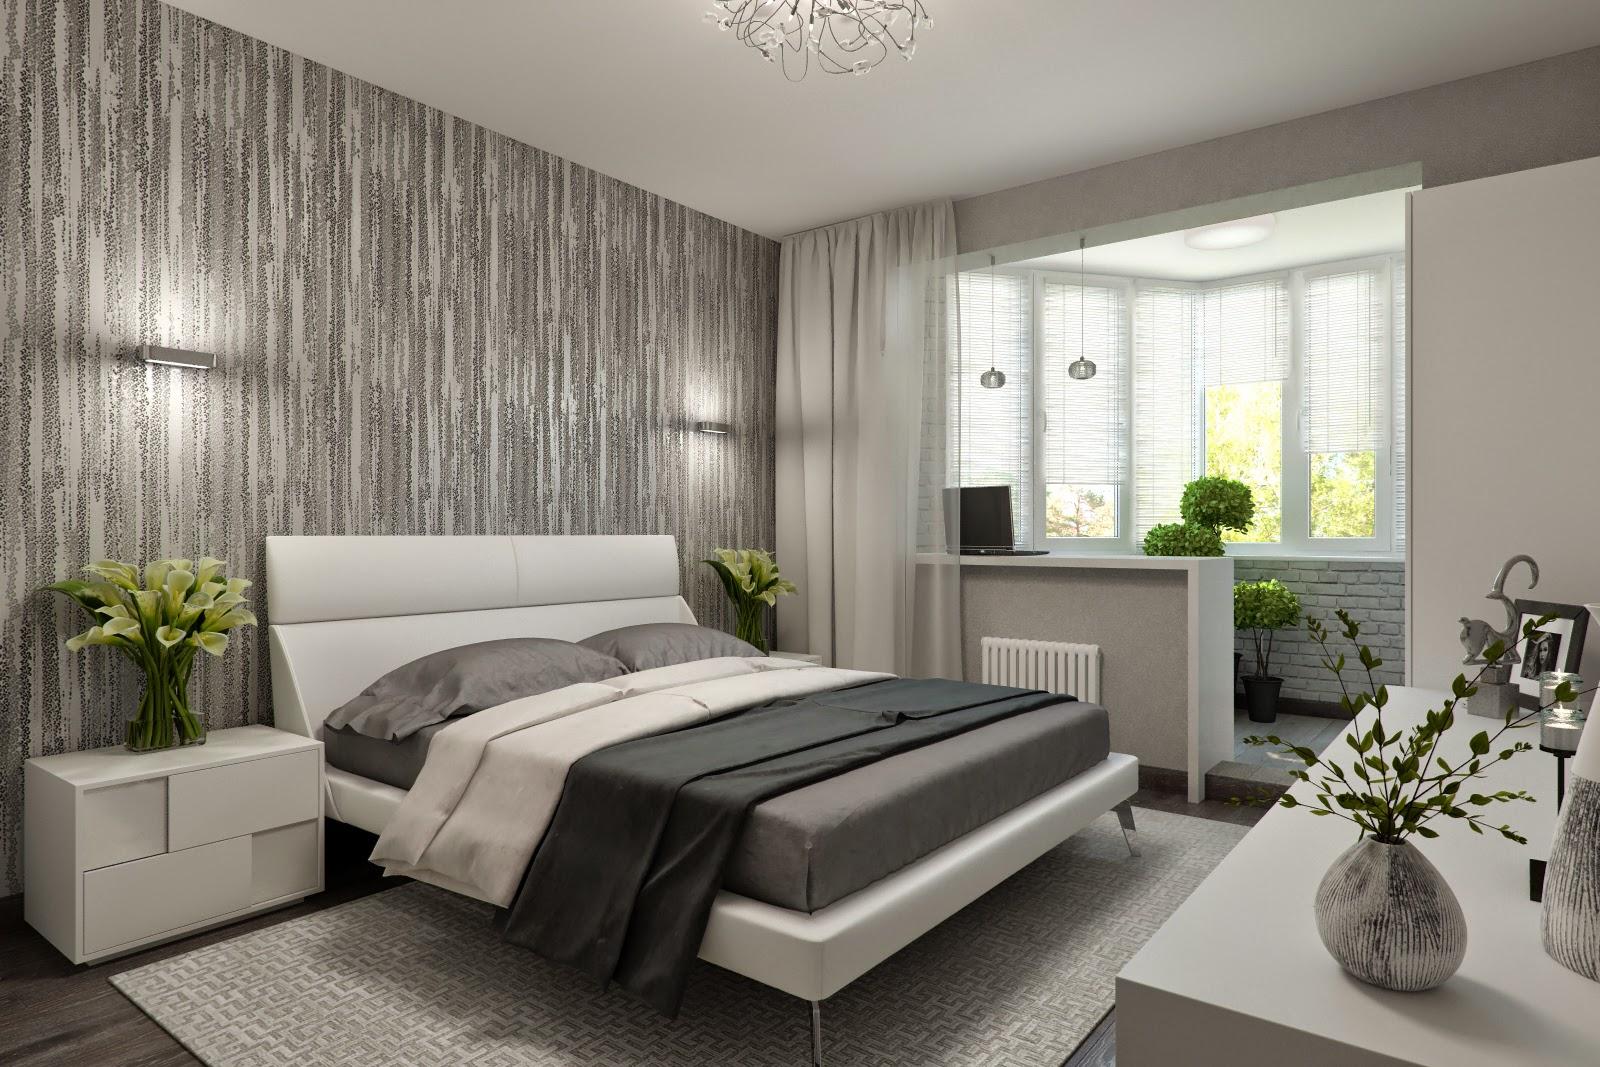 Оформление спальни с балконом в серых тонах